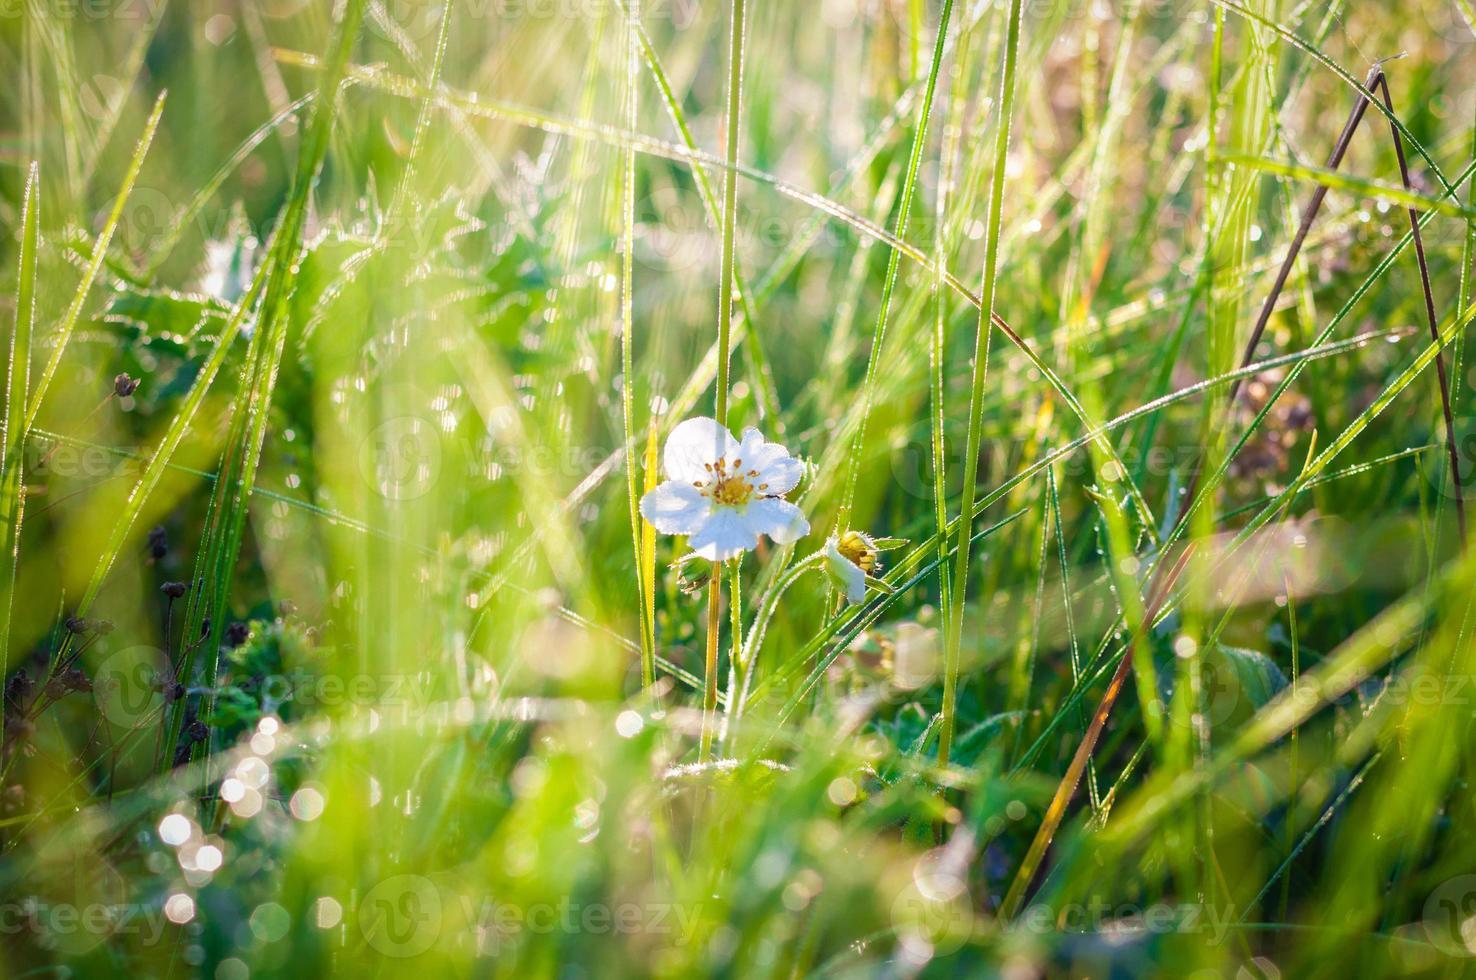 rugiada sull'erba foto